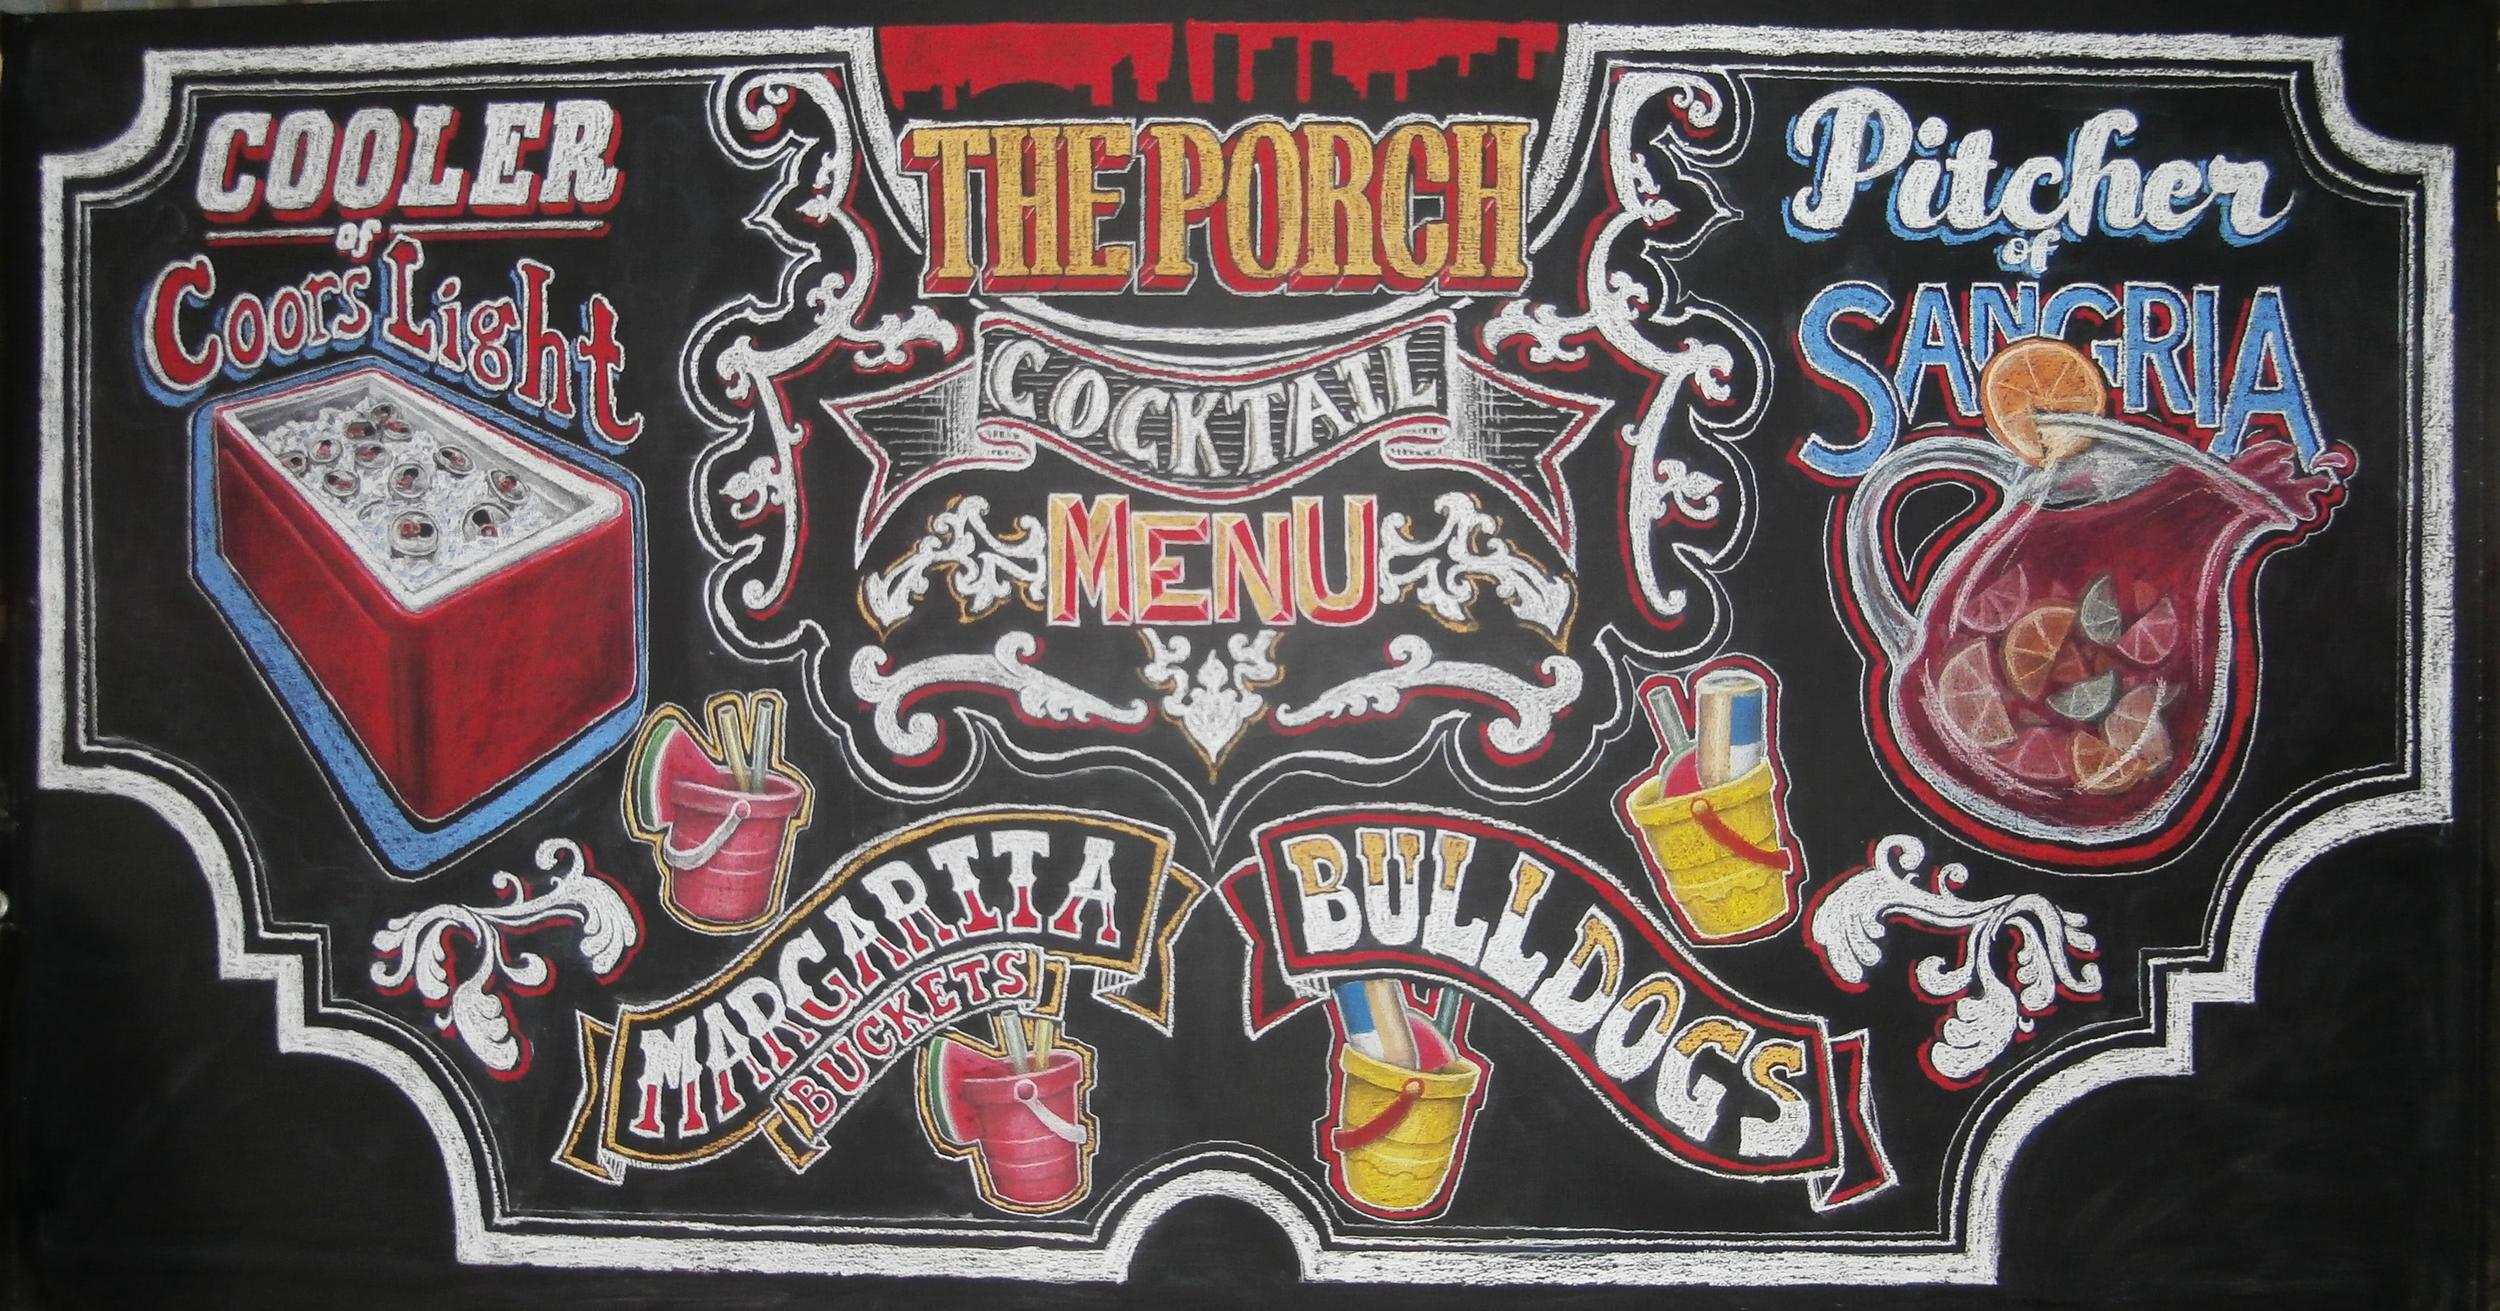 The Porch menu